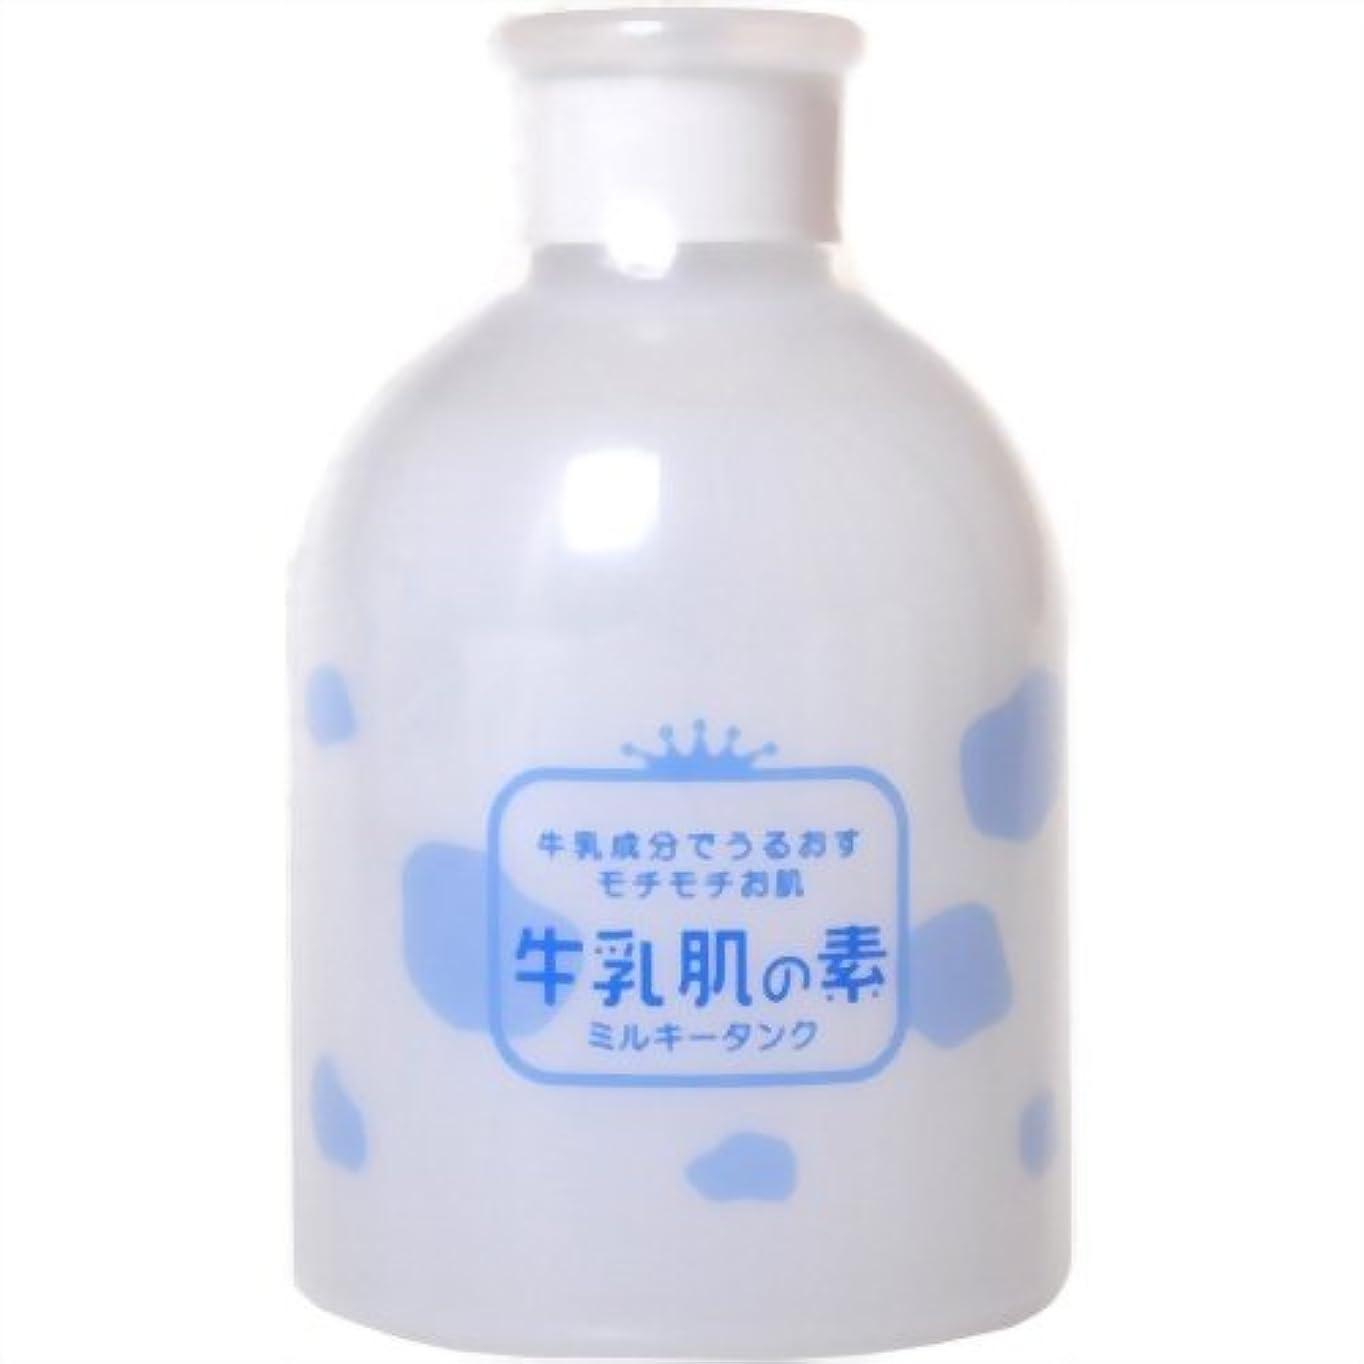 慢な不実外国人牛乳肌の素 ミルキータンク(化粧水) 300ml